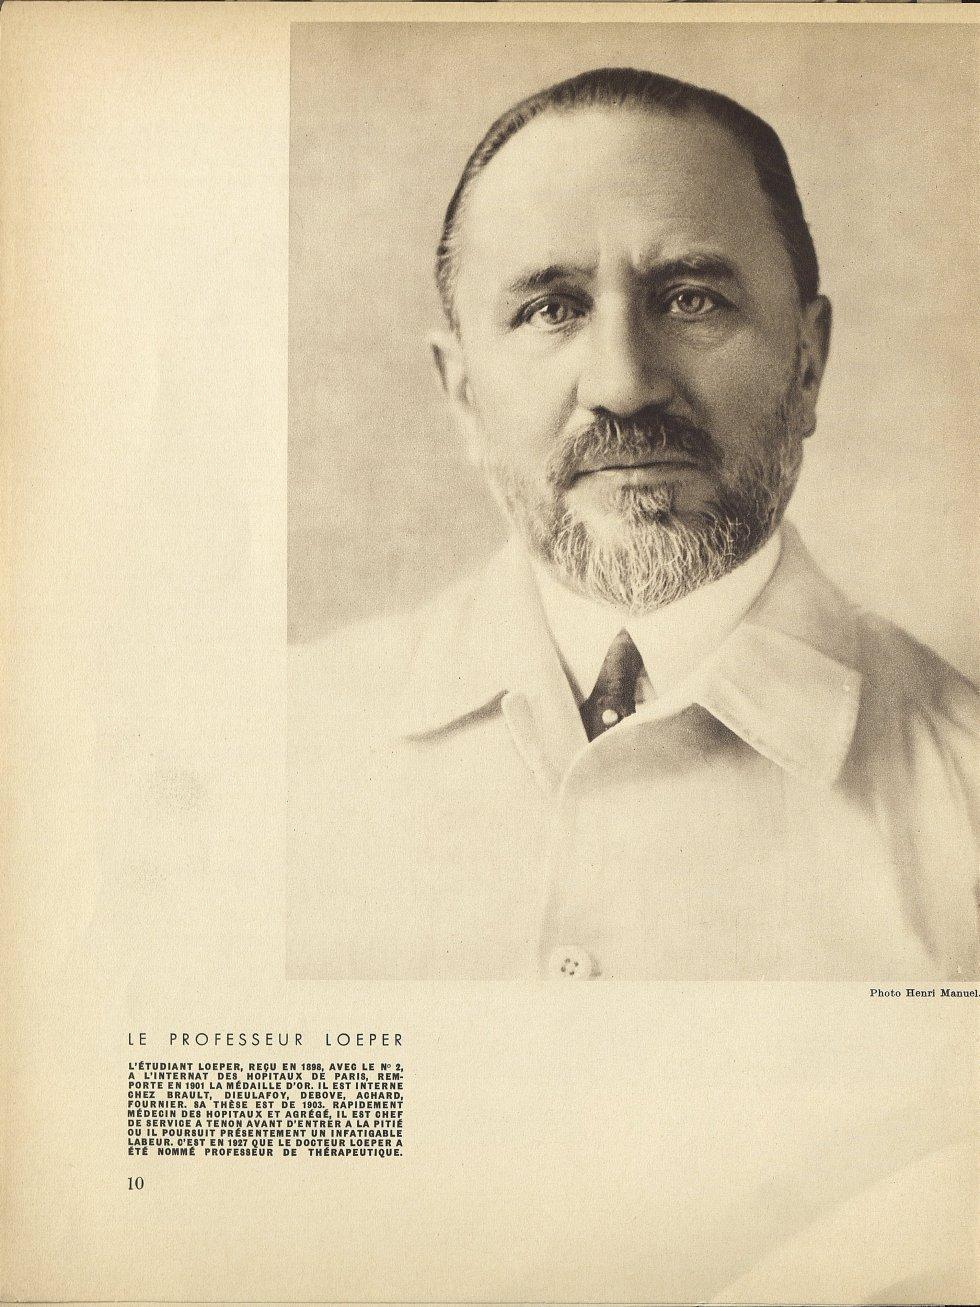 Le Professeur Loeper. L'étudiant Loeper, reçu en 1898, avec le n° 2, à l'internat des hôpitaux de Pa [...] -  - med112580x1932_1933x0372